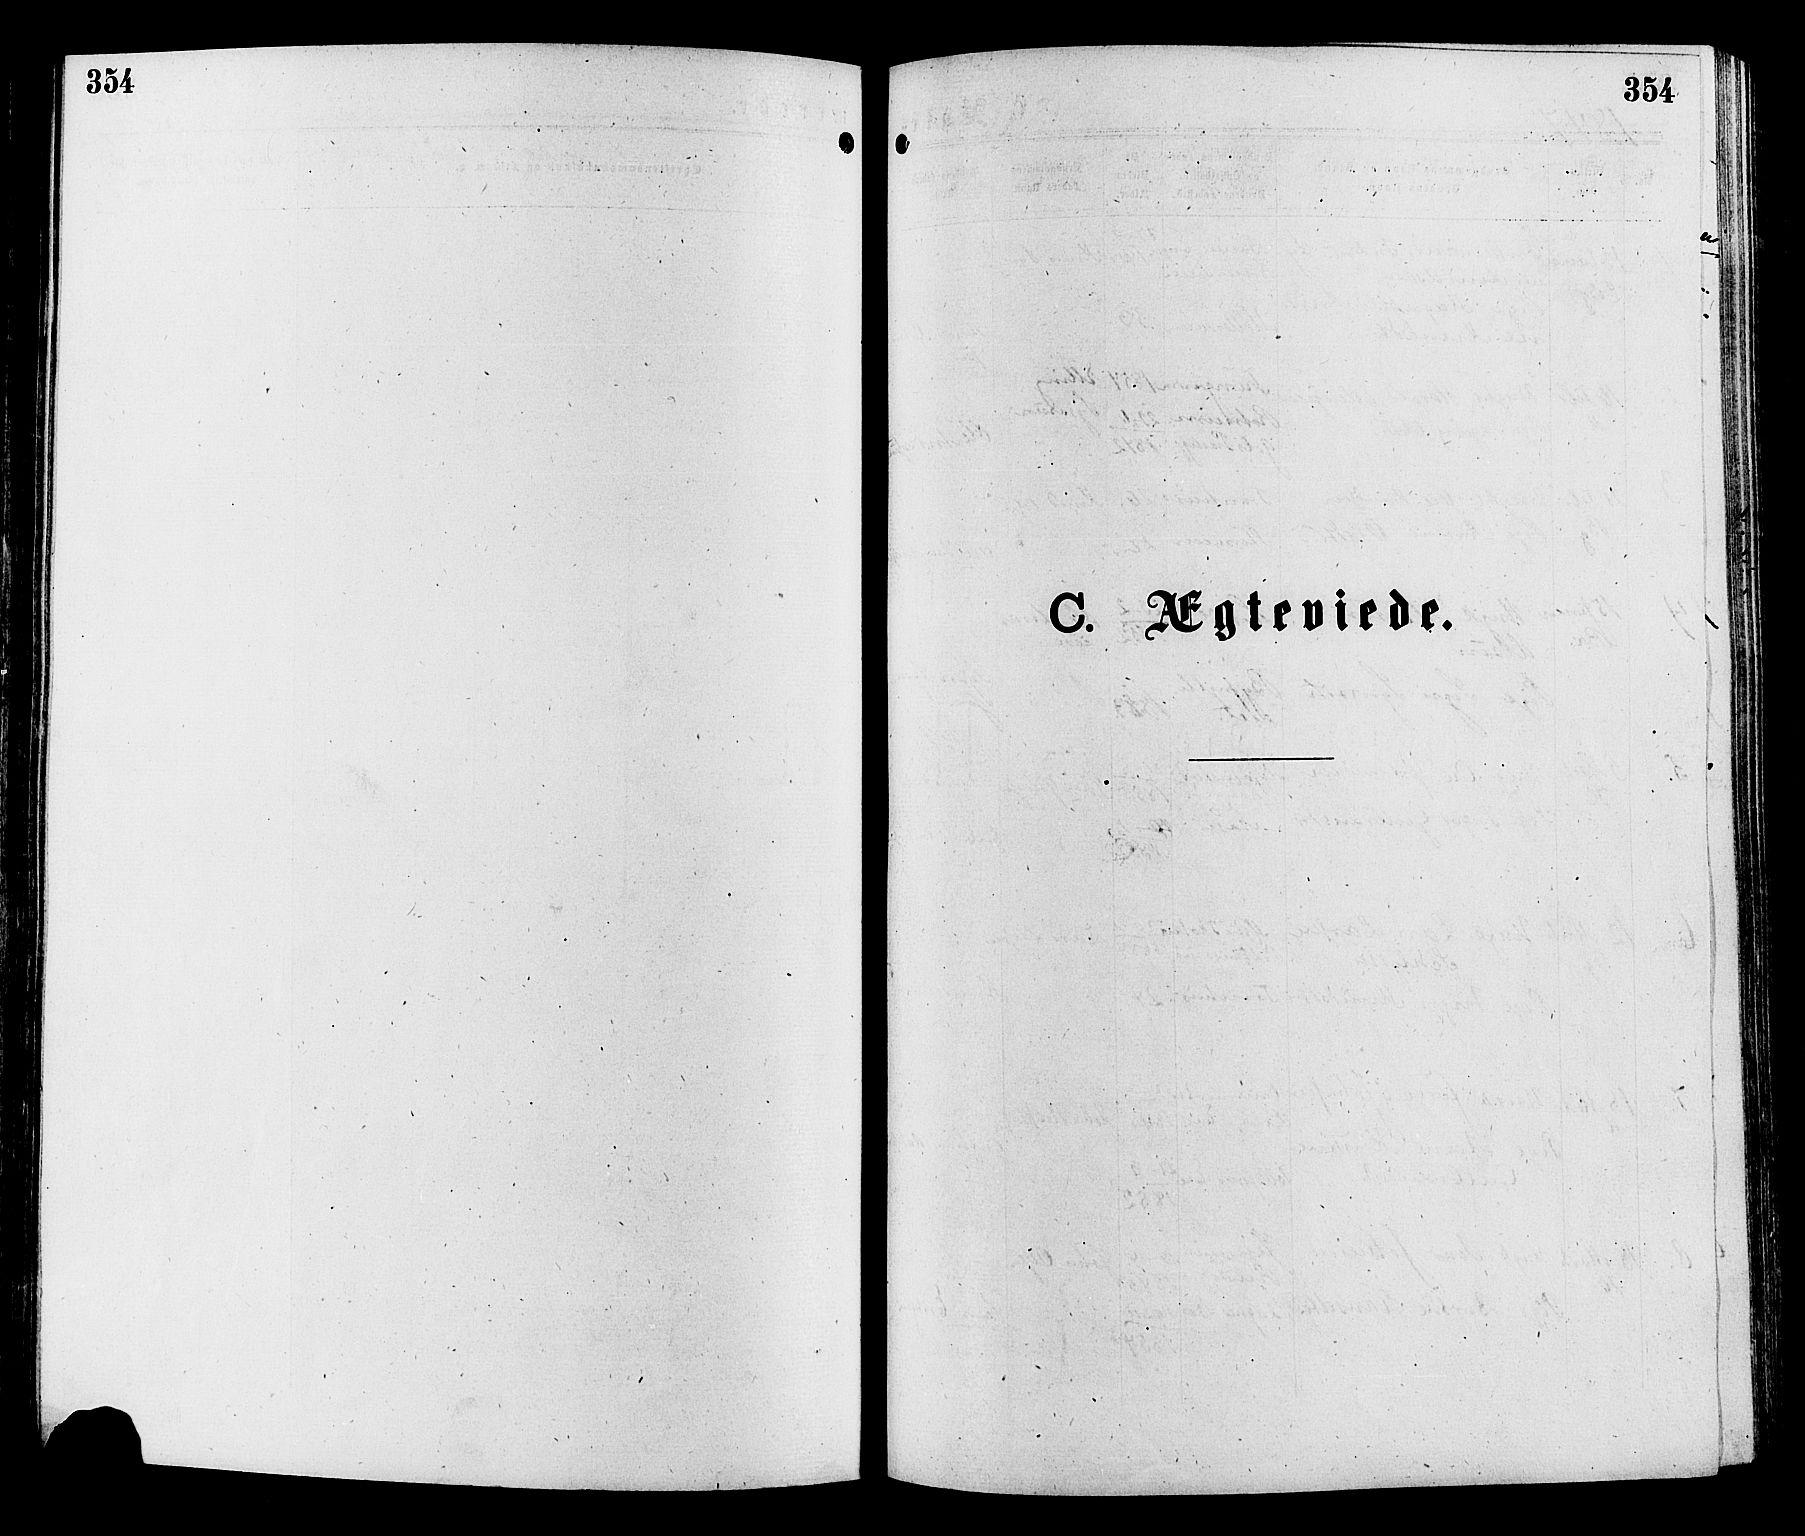 SAH, Sør-Aurdal prestekontor, Ministerialbok nr. 8, 1877-1885, s. 354